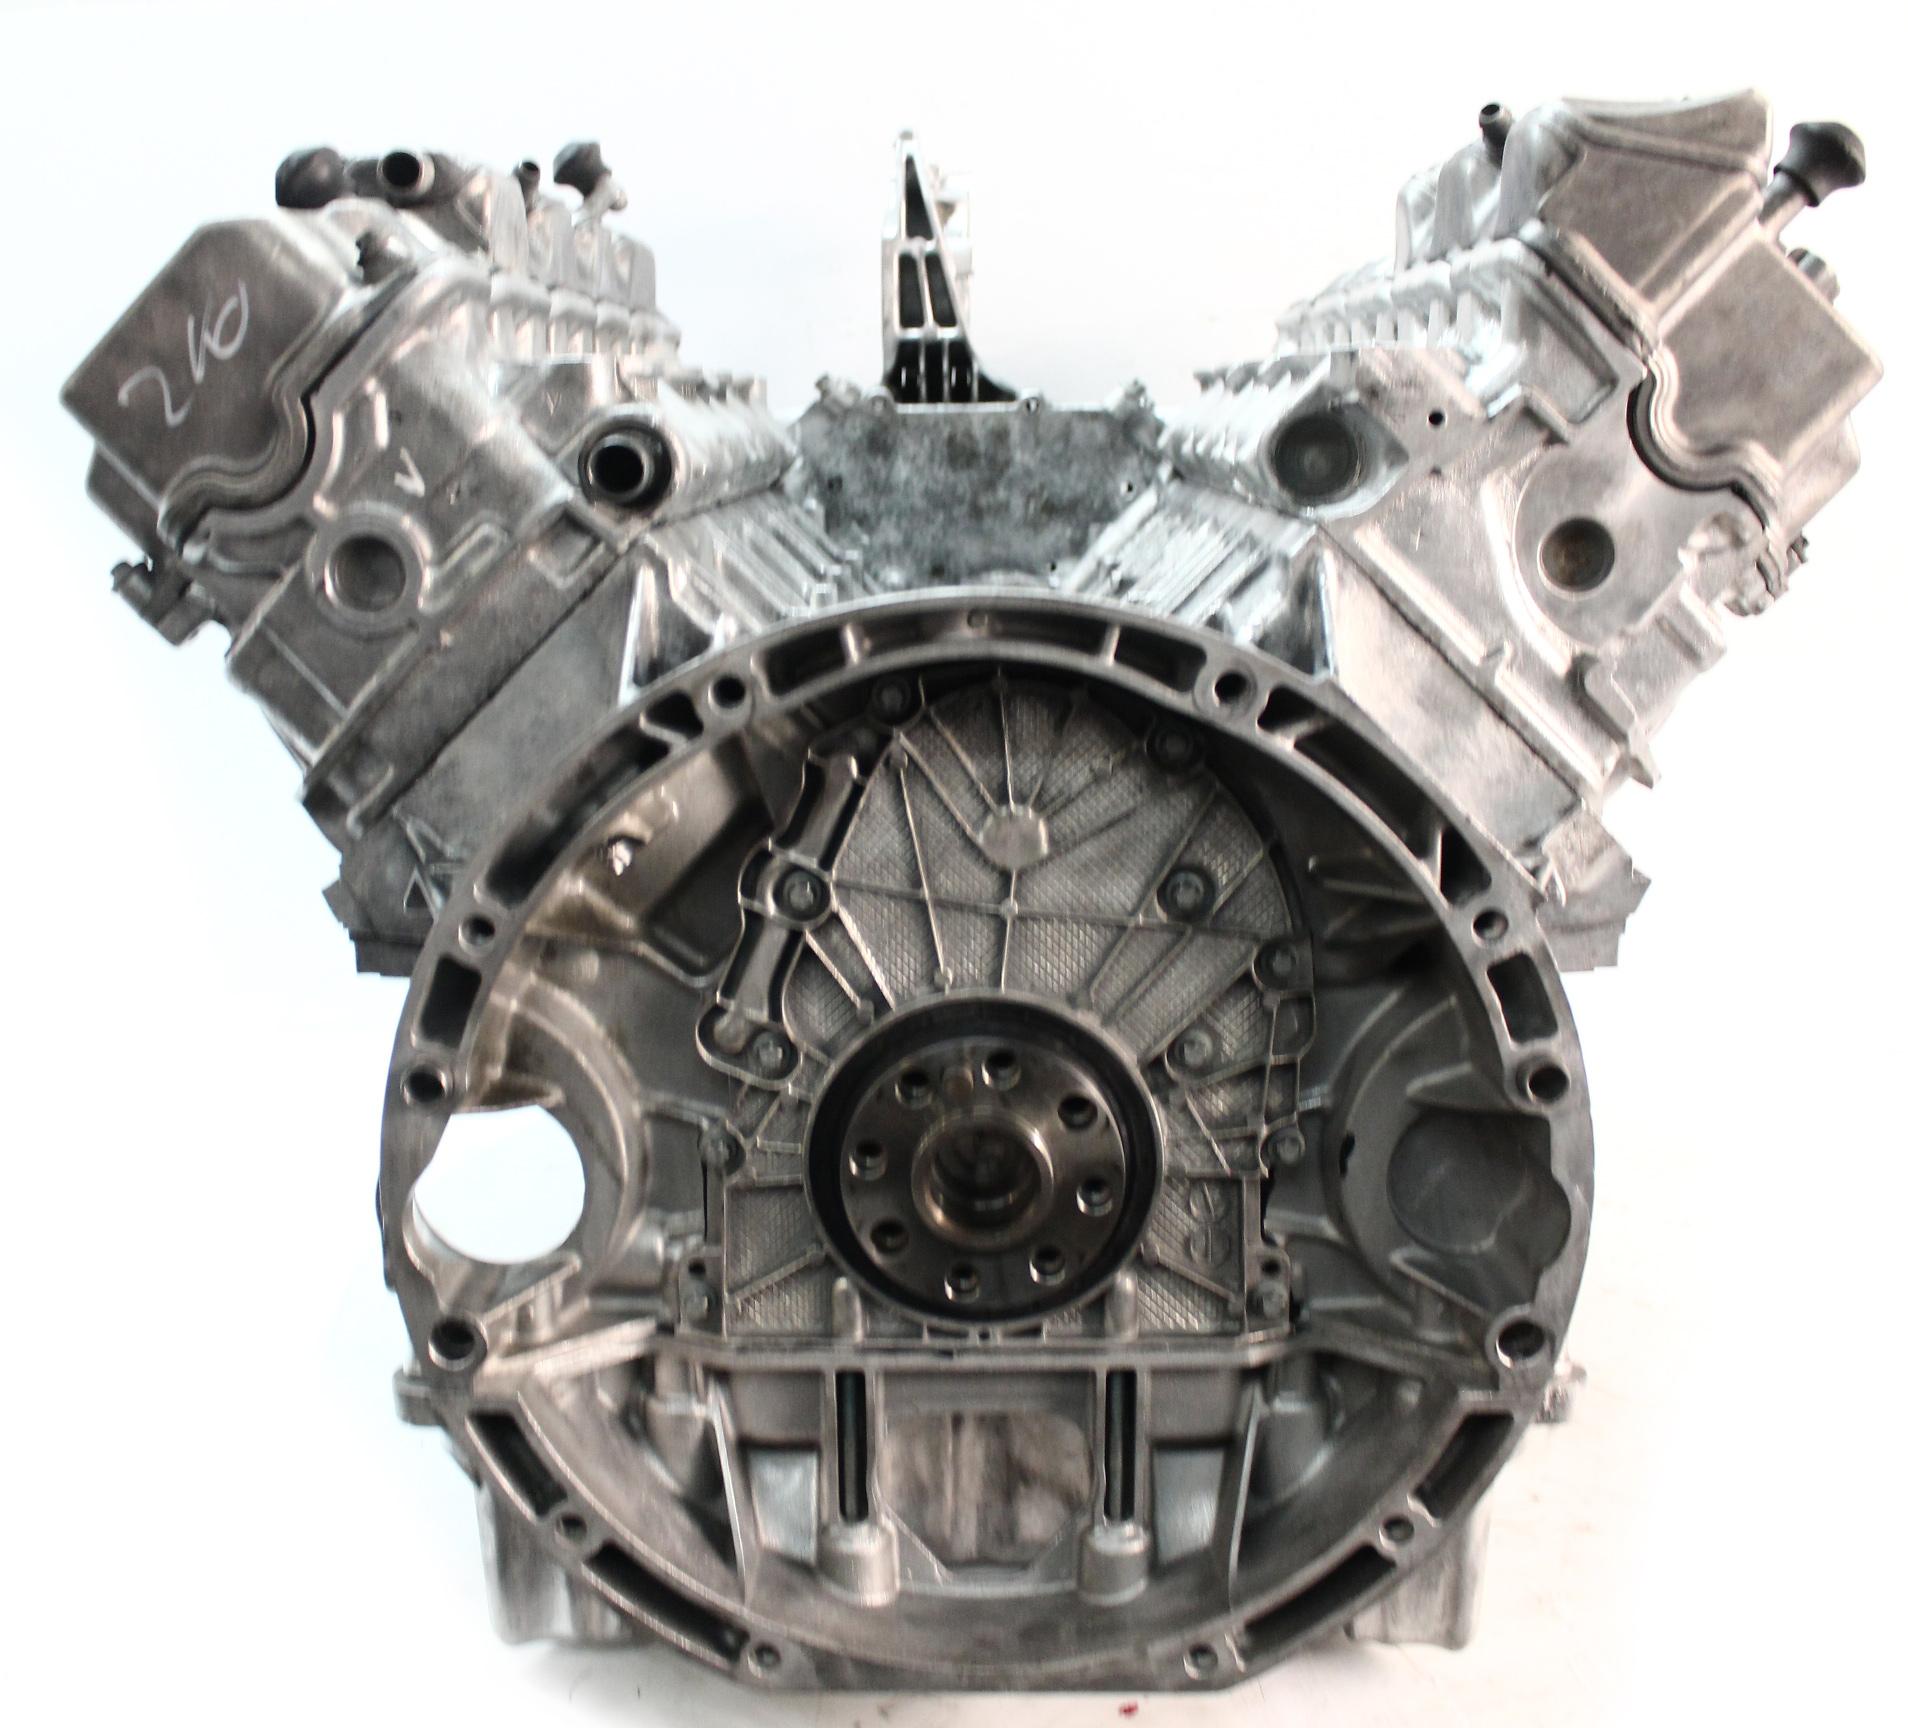 Motor 2005 Mercedes Benz CLK 55 AMG 5,5 M113 113.987 Köpfe geplant Neue ZKD